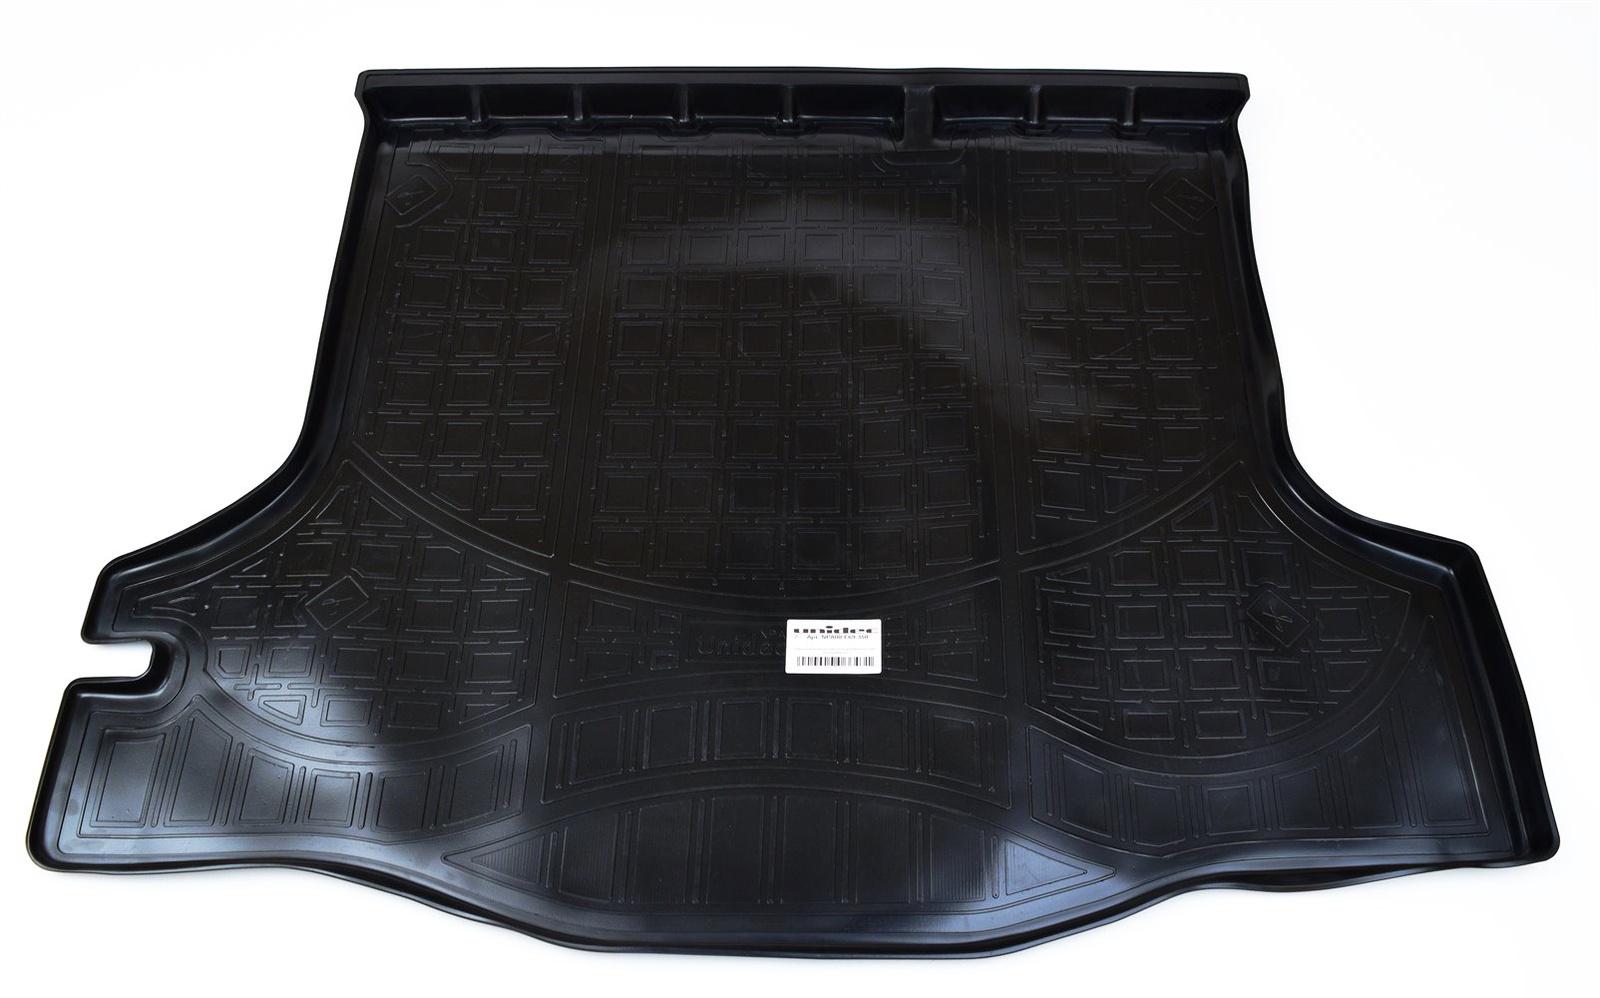 лучшая цена Коврик багажника Norplast для Kia cee'd wag/Kia cee'd sw jd 2012, npa00-e43-051, черный